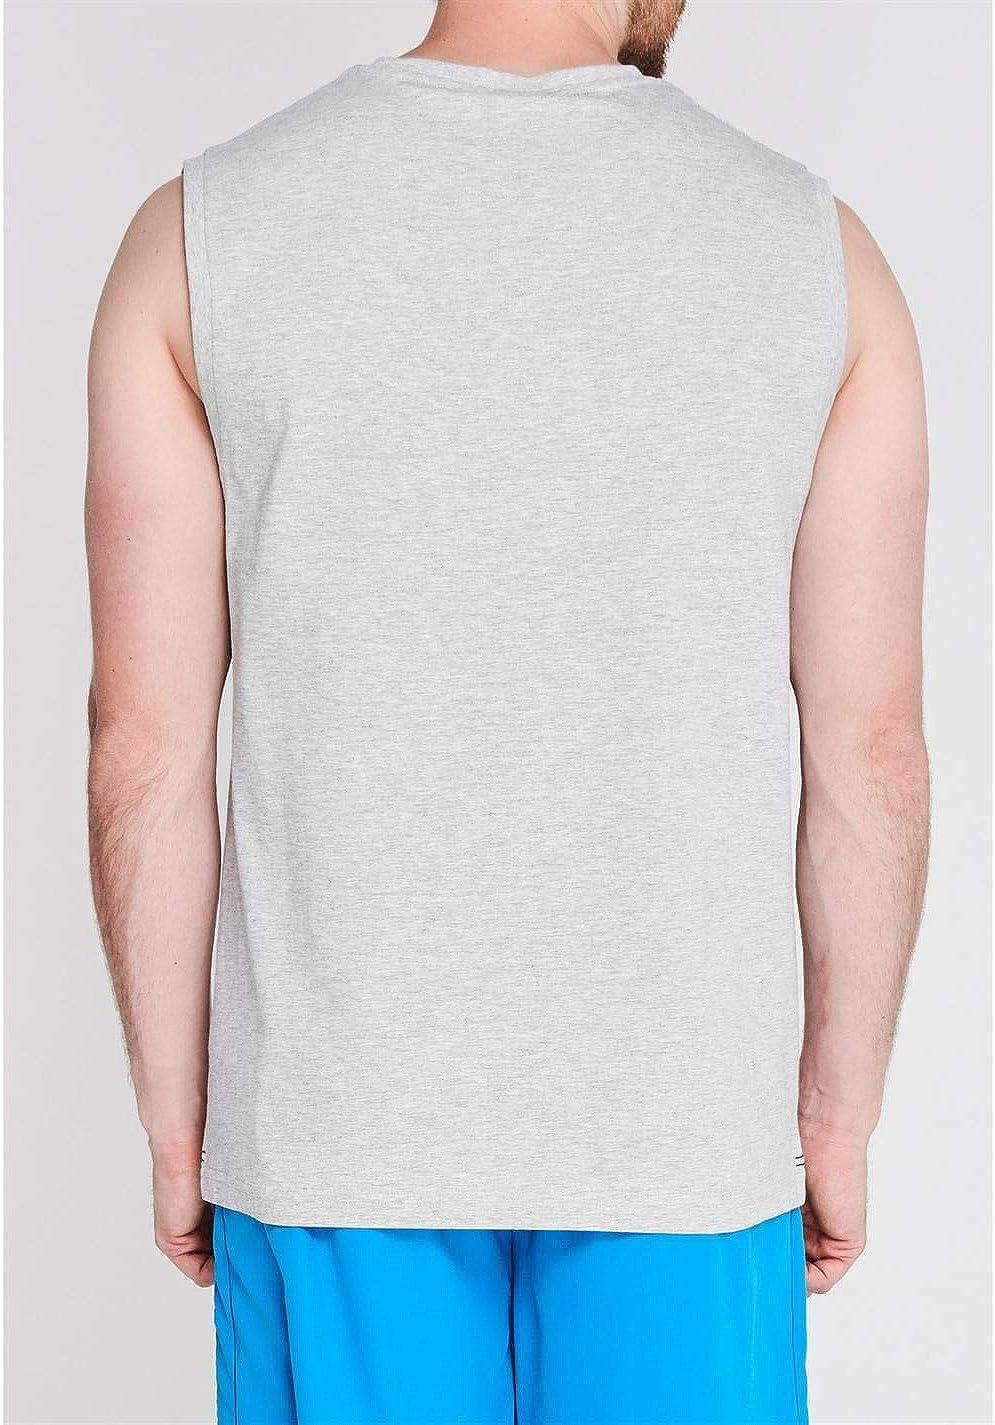 Slazenger Herren Sleeveless T Shirt /Ärmellos